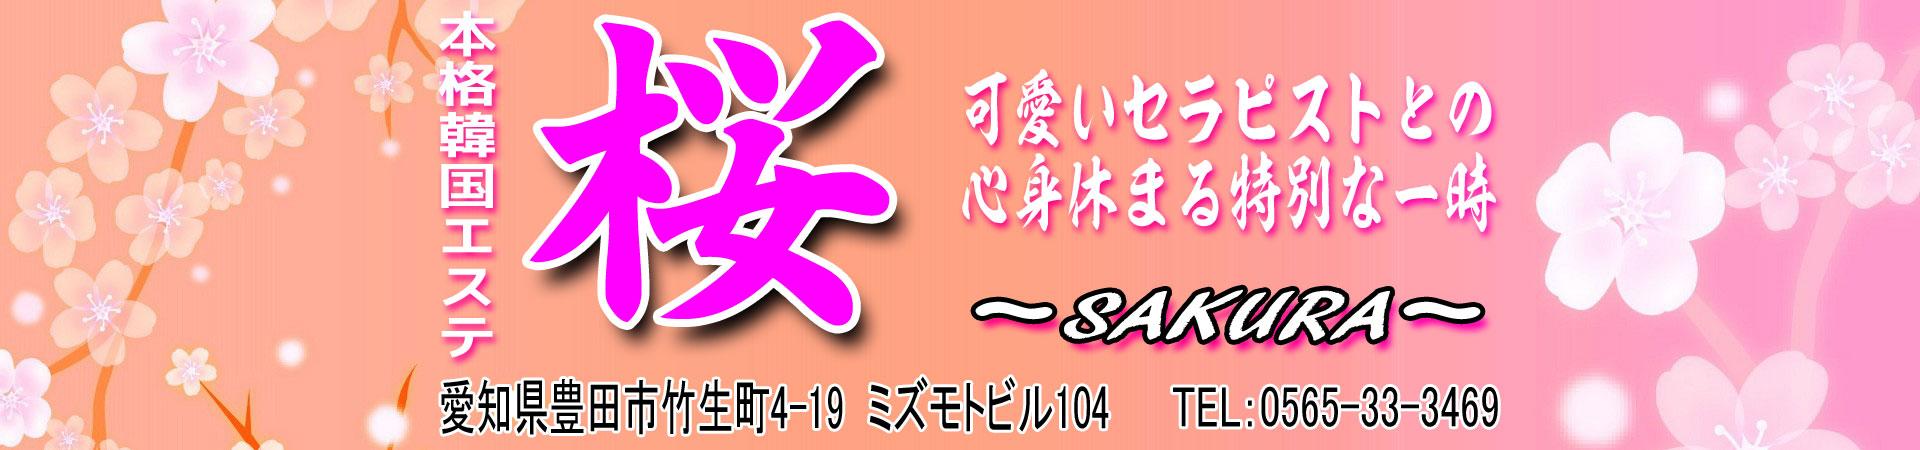 非公開: 【桜】愛知/豊田